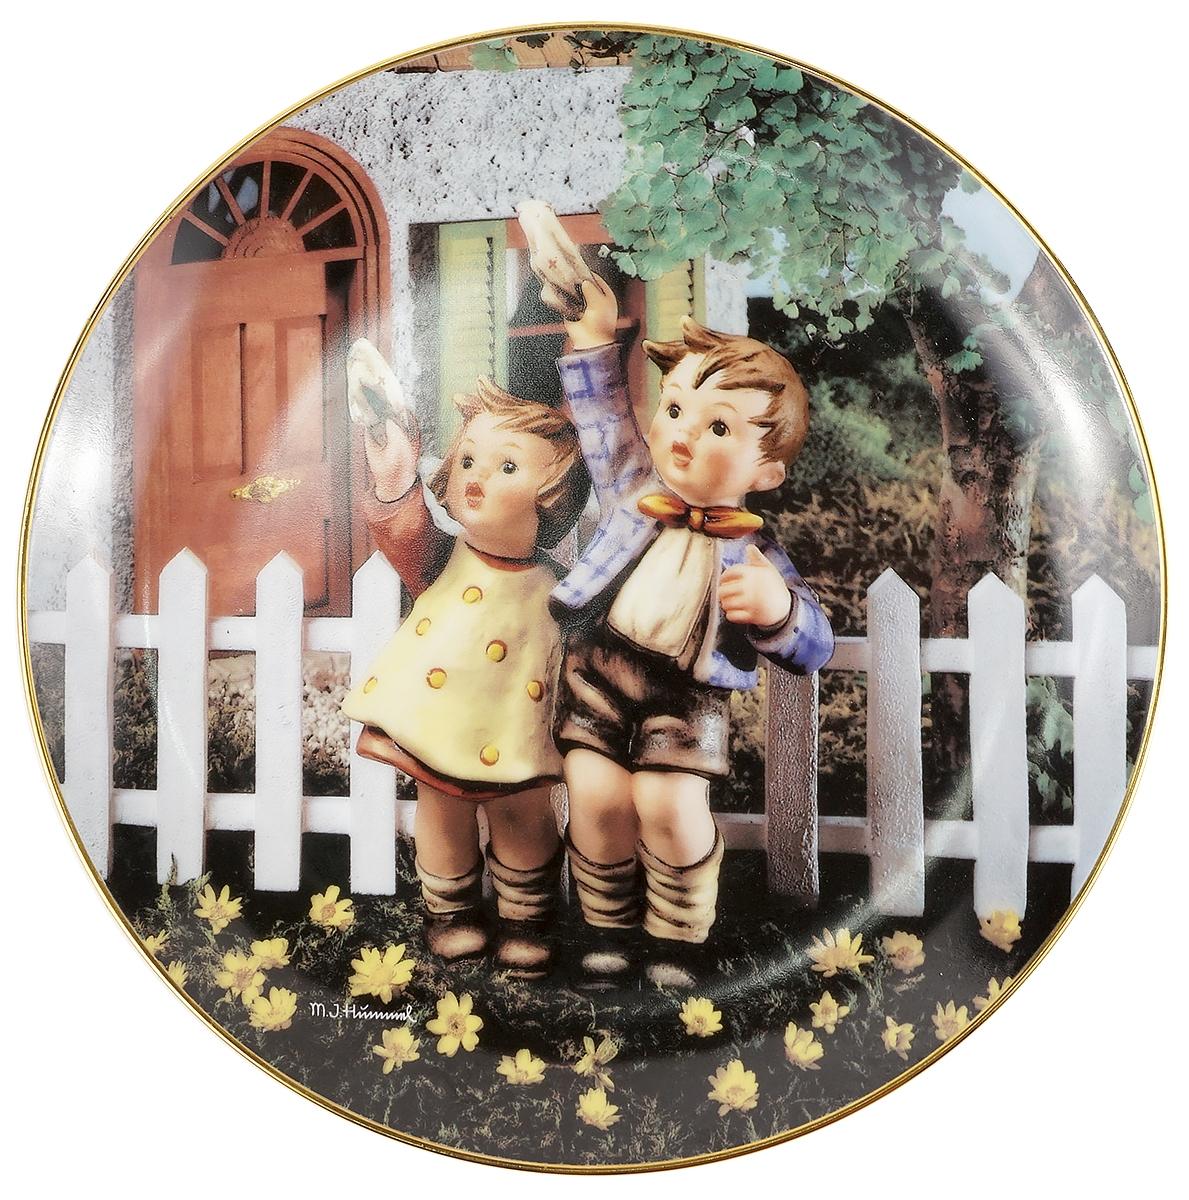 Декоративная тарелка Goebel Возвращайся скорее. Фарфор, деколь, золочение. Швейцария, вторая половина ХХ века декоративная тарелка goebel сюрприз фарфор деколь золочение швейцария вторая половина хх века